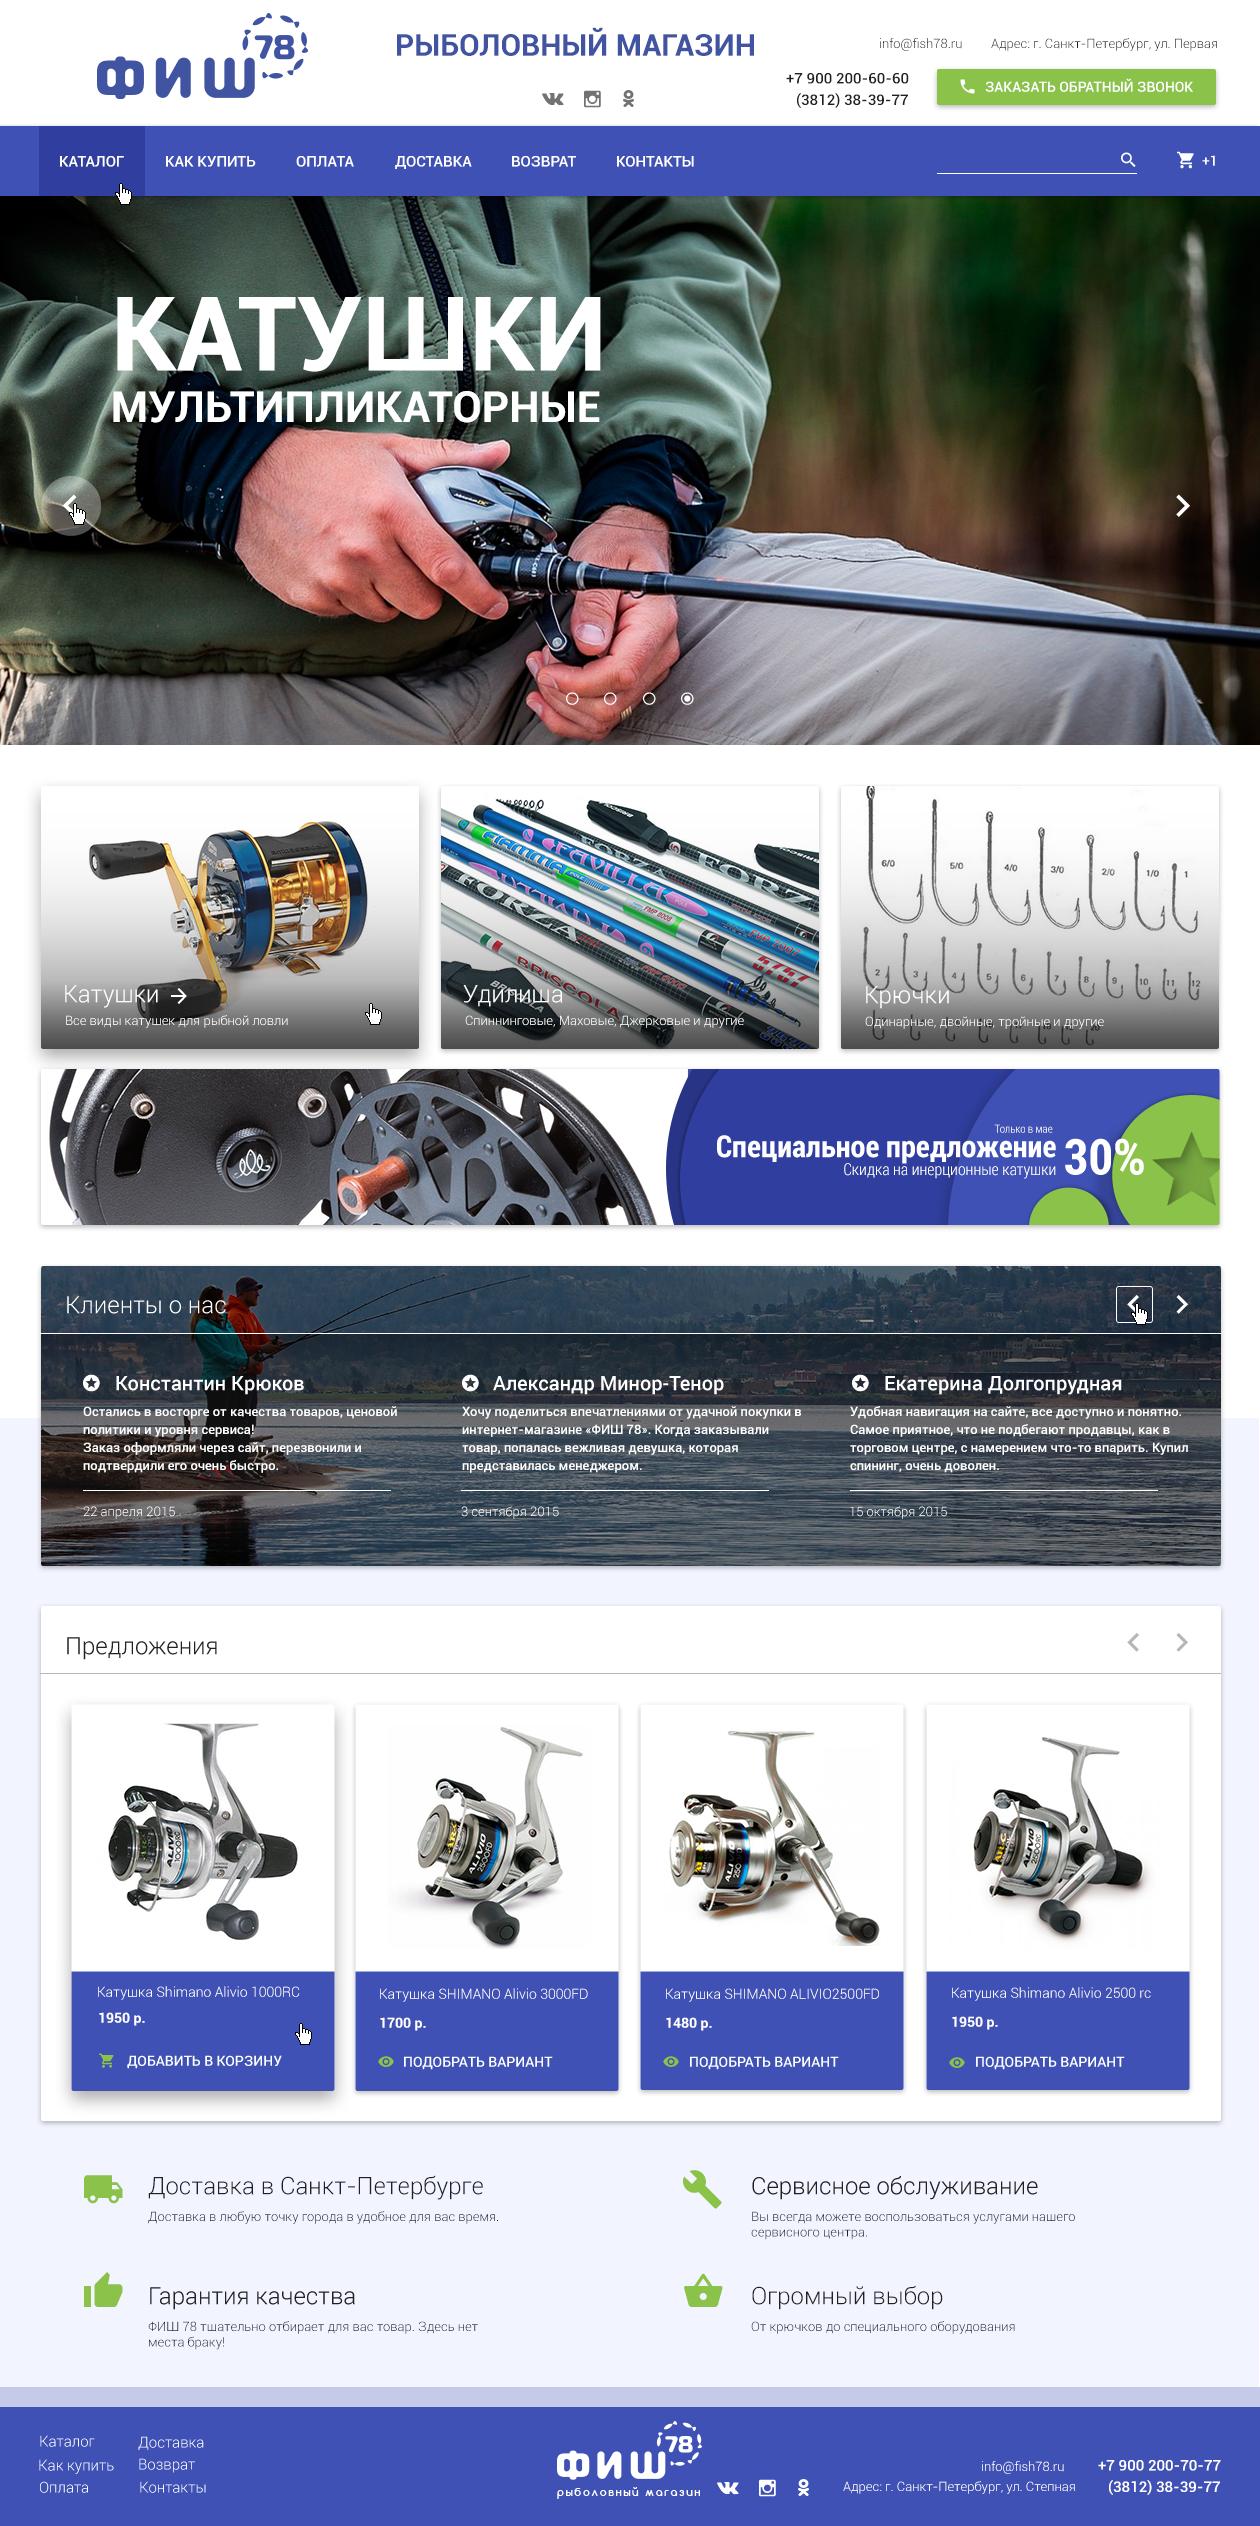 Создание сайта рыболовных снастей